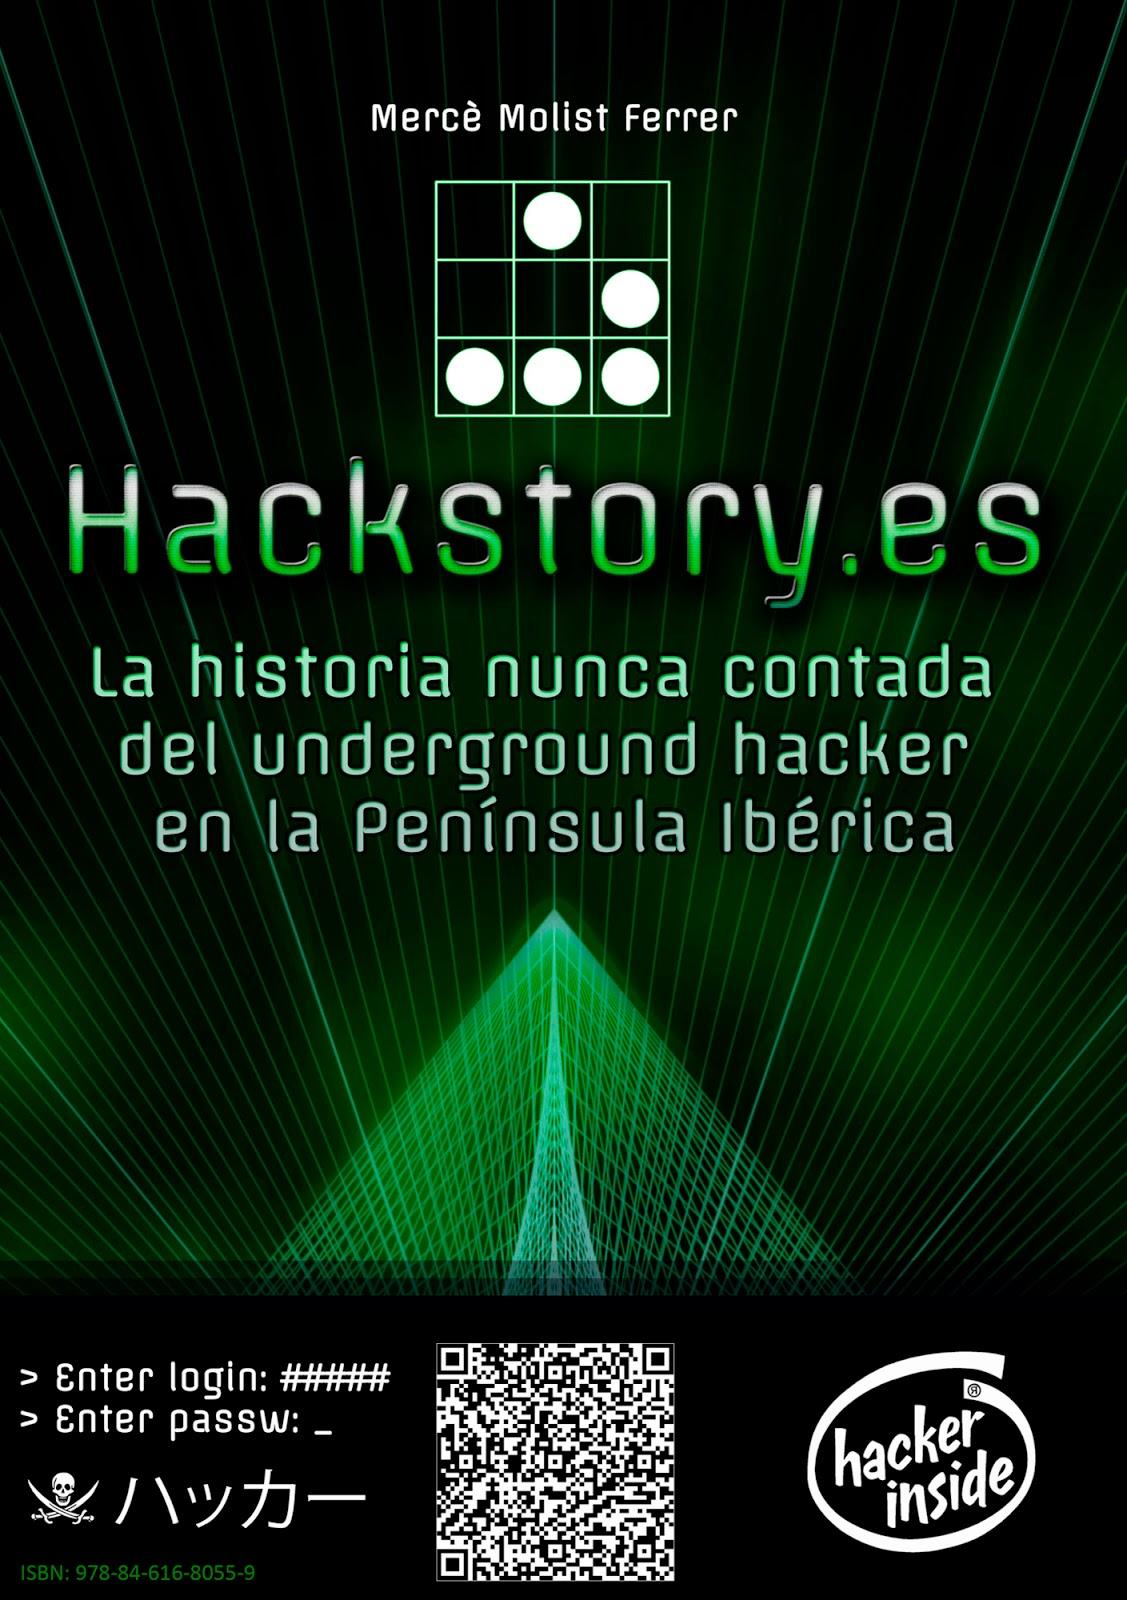 Hackstory.es: La historia nunca contada del underground hacker en la Península Ibérica